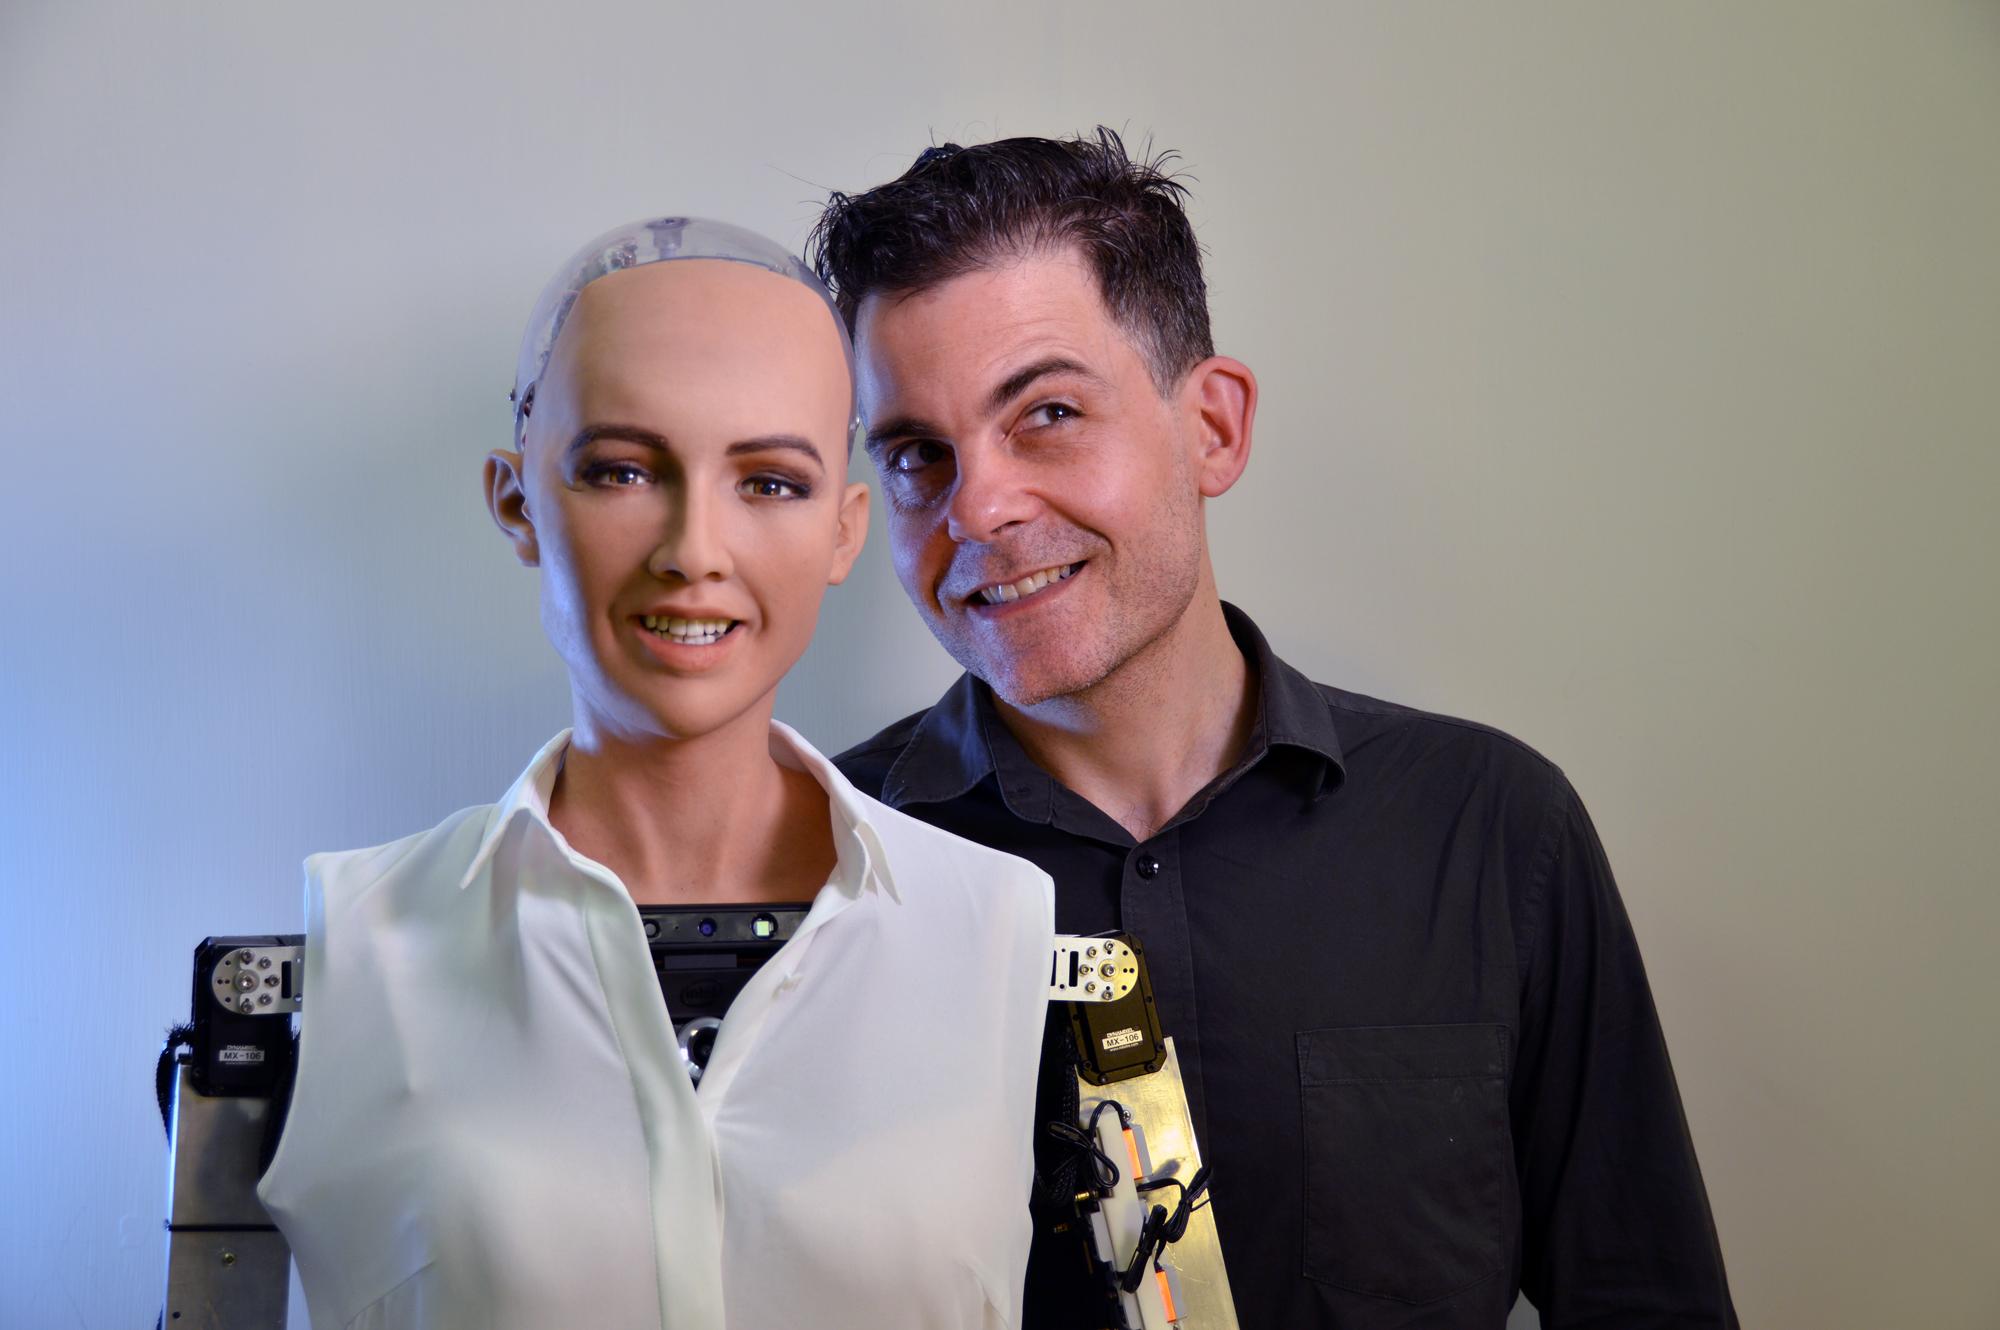 Robotten Sophia åbner VL Døgnet!